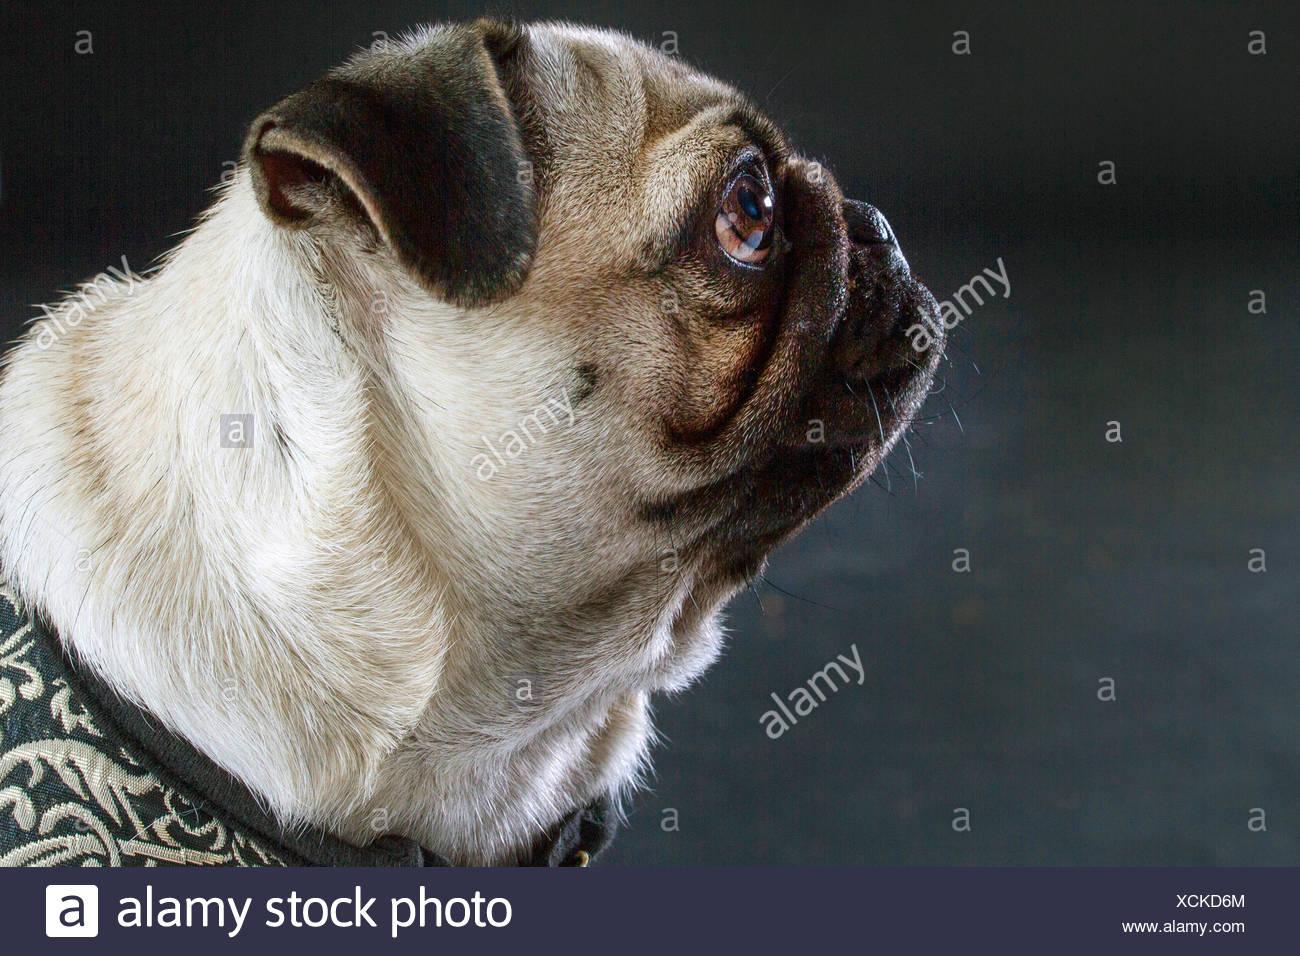 Pug (Canis lupus f. familiaris), ritratto di fronte a sfondo nero, vista laterale Immagini Stock